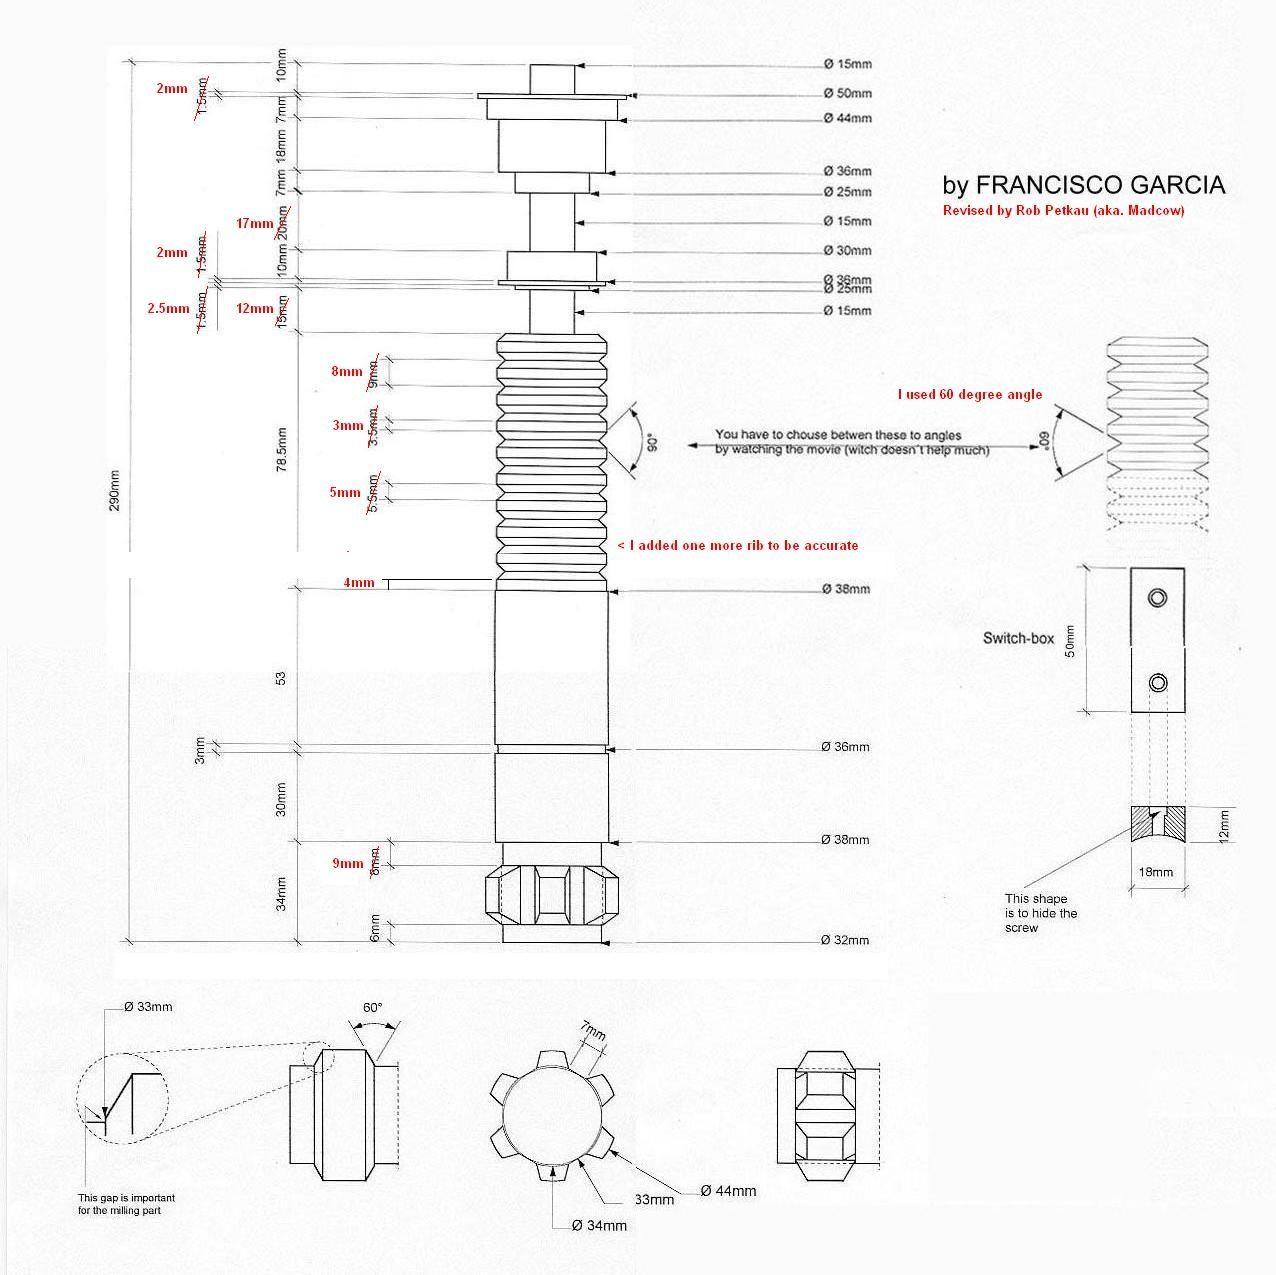 Lightsaber schematics. | Lightsabers | Pinterest | Lightsaber ...